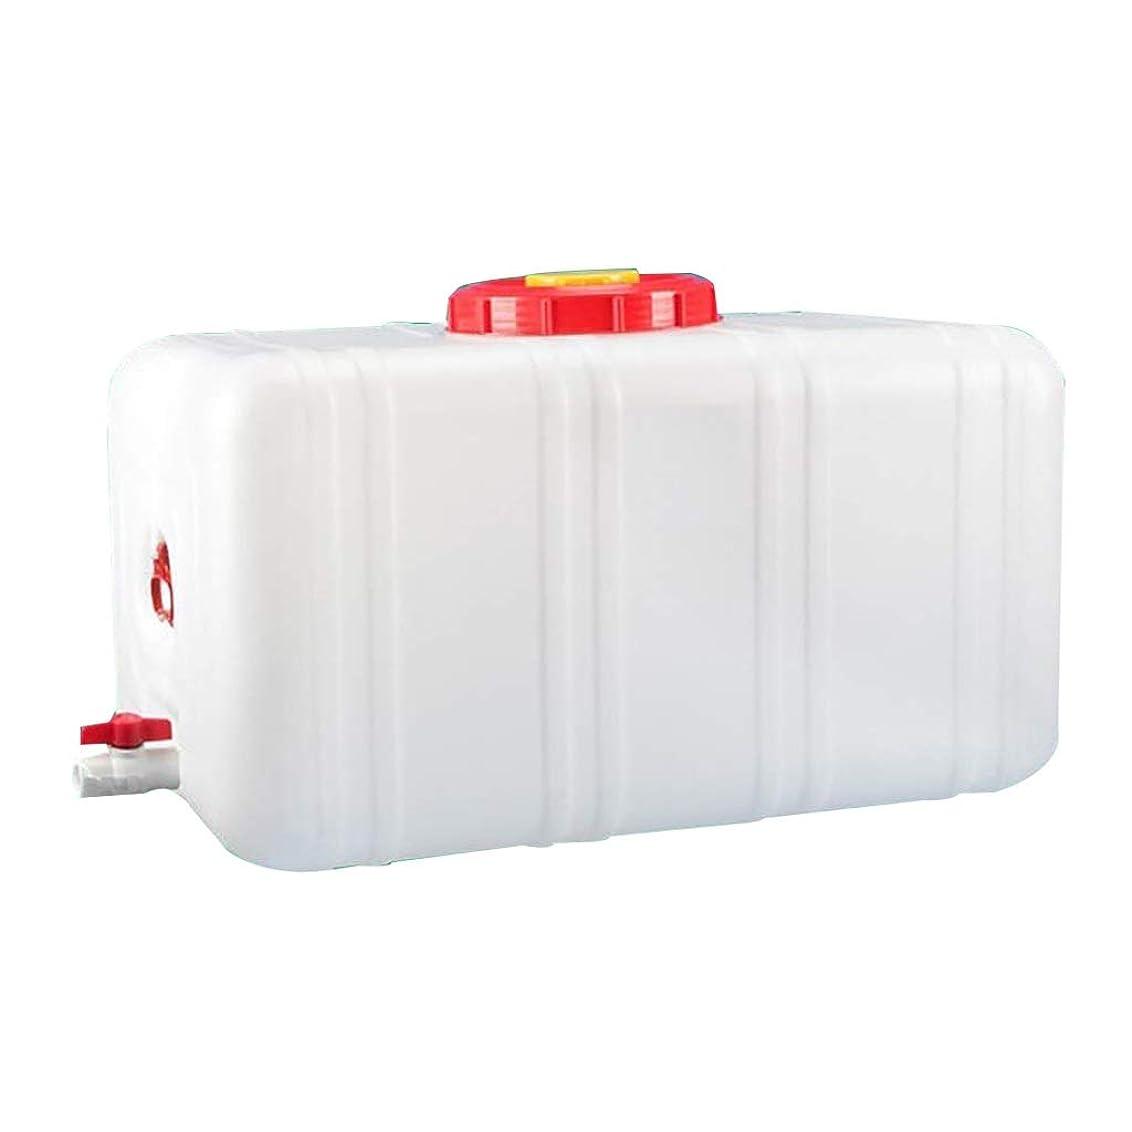 散るスマイル力学GMSX 携帯用水Tank、家族車の屋外の水Tankの厚いプラスチックキャンプの産業バレル、大容量および多数の指定 水タンク (Size : 110L)